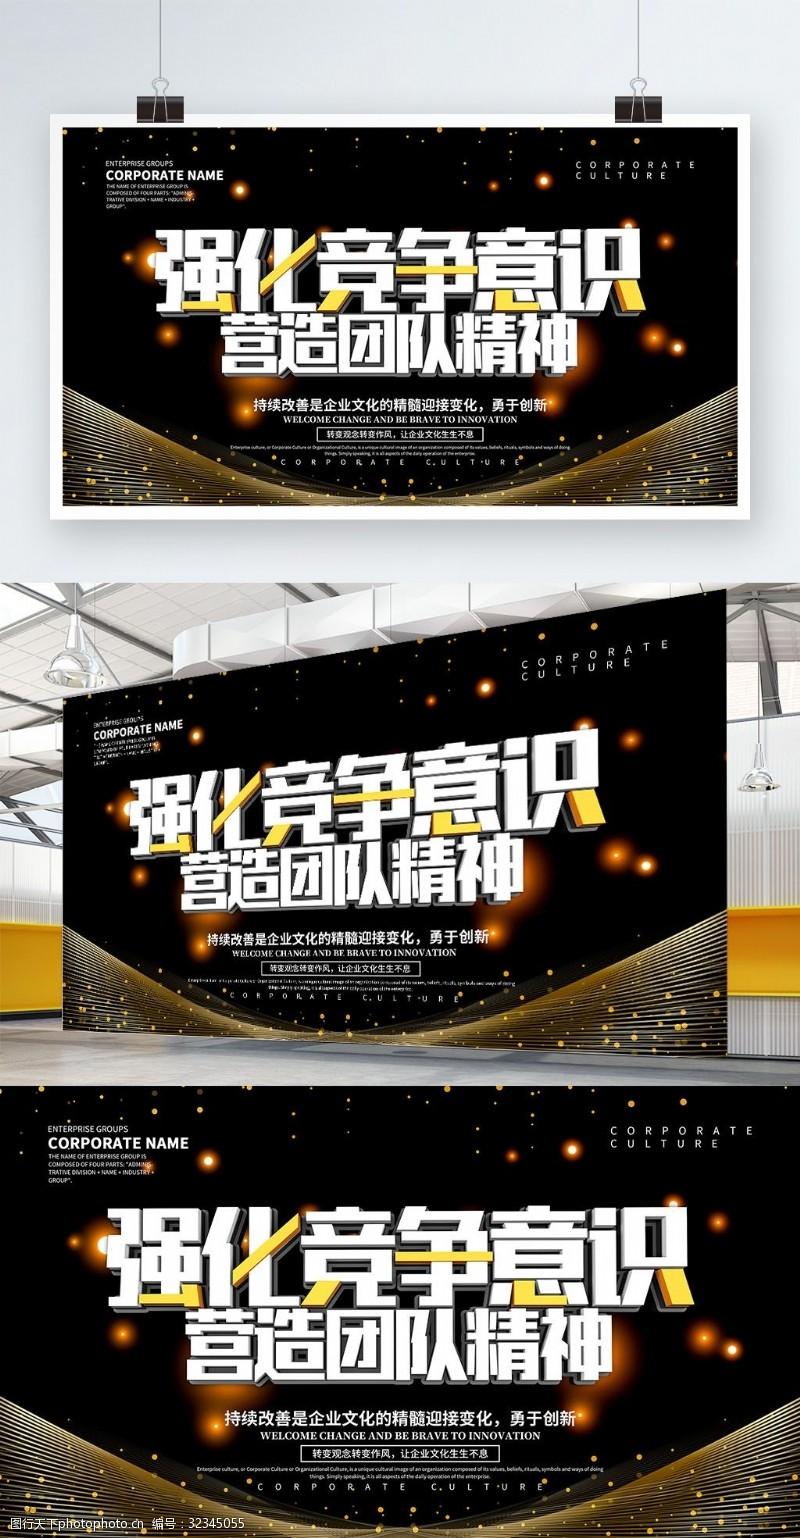 黑金風強化競爭意識企業展板設計